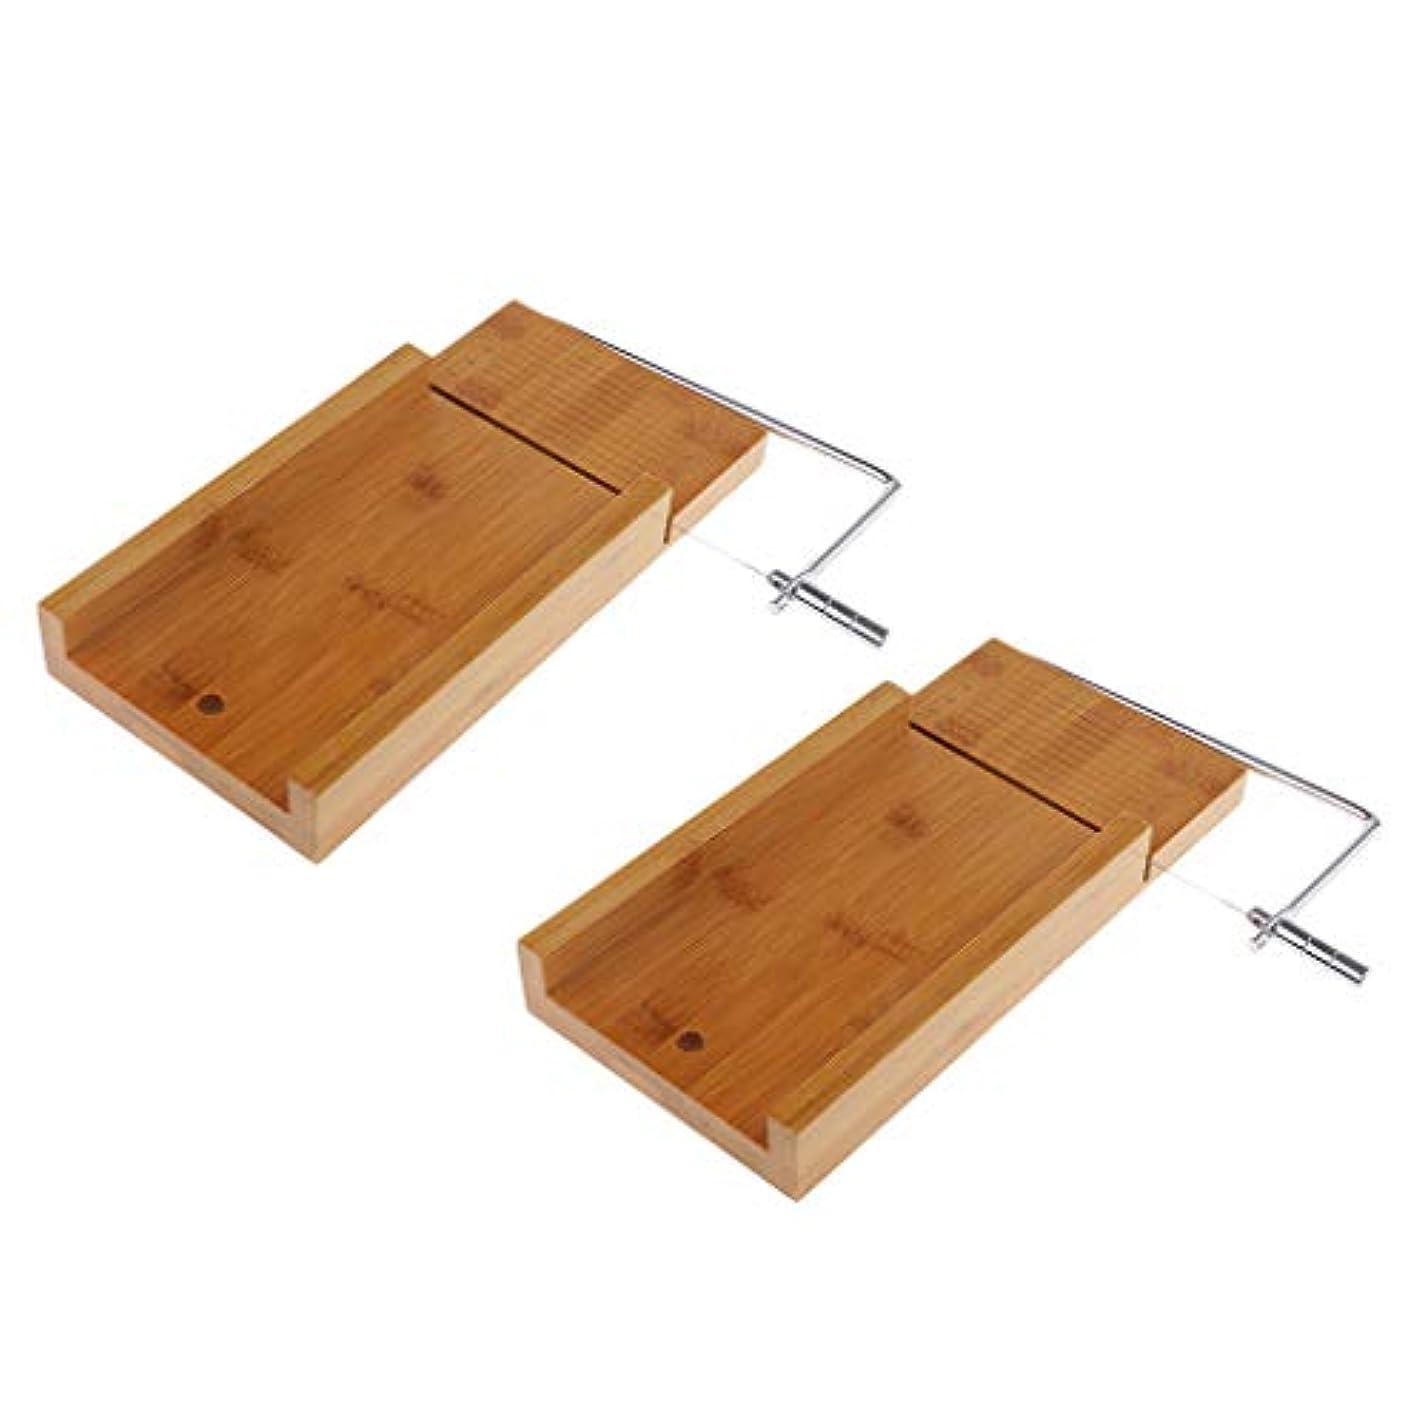 受動的キネマティクスエクスタシーD DOLITY ソープカッター 台 木質 チーズナイフ せっけんカッター ワイヤー ソープスライサー 2個入り